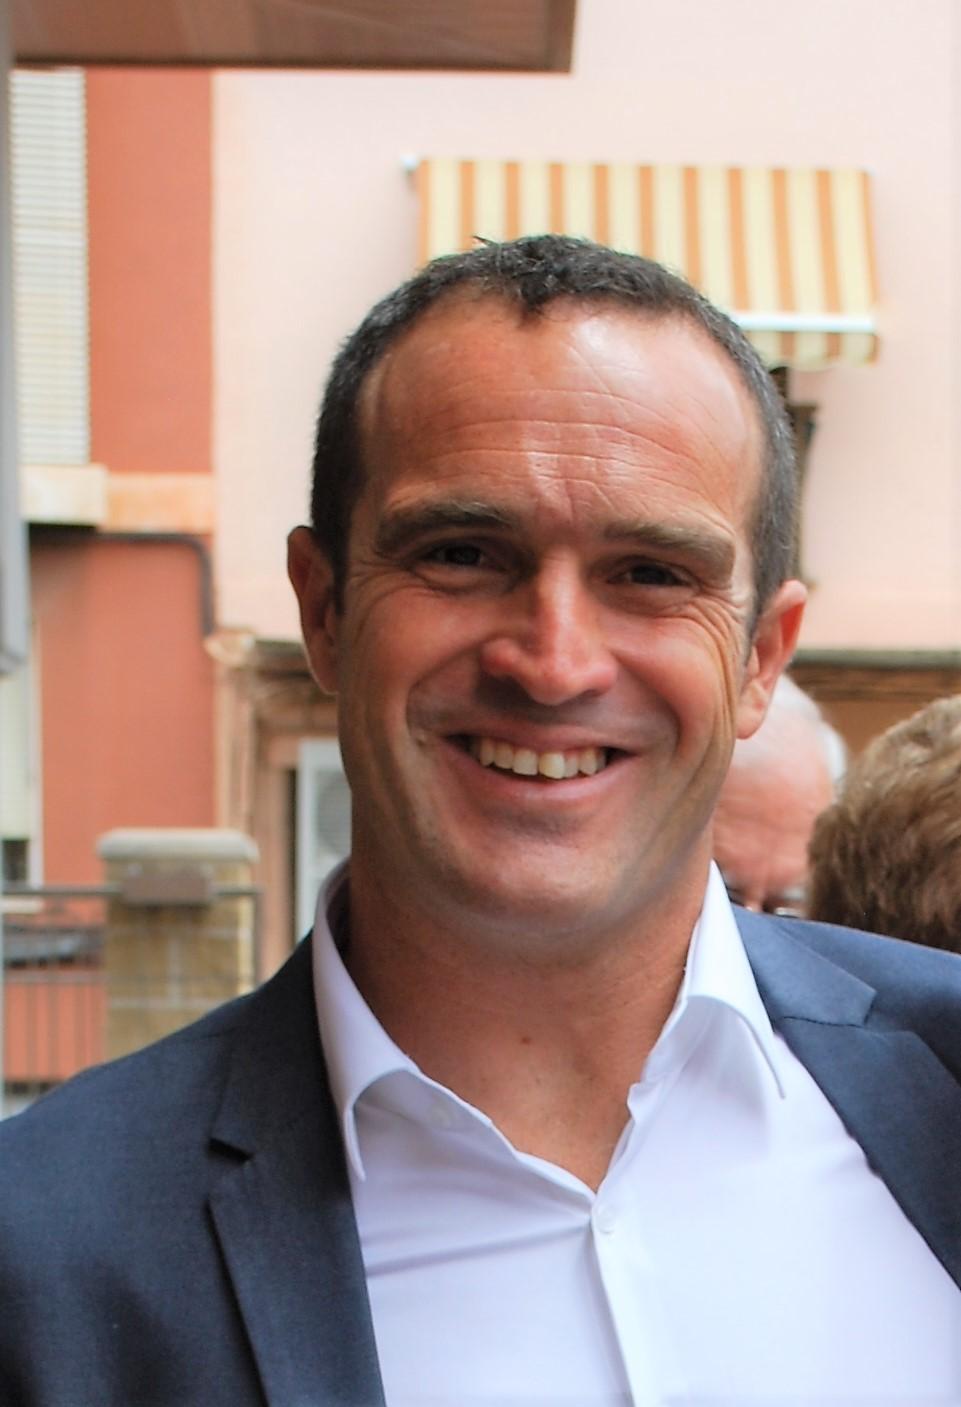 Marcos Roselló, BIM Leader en Ferrocarrils de la Generalitat Valenciana